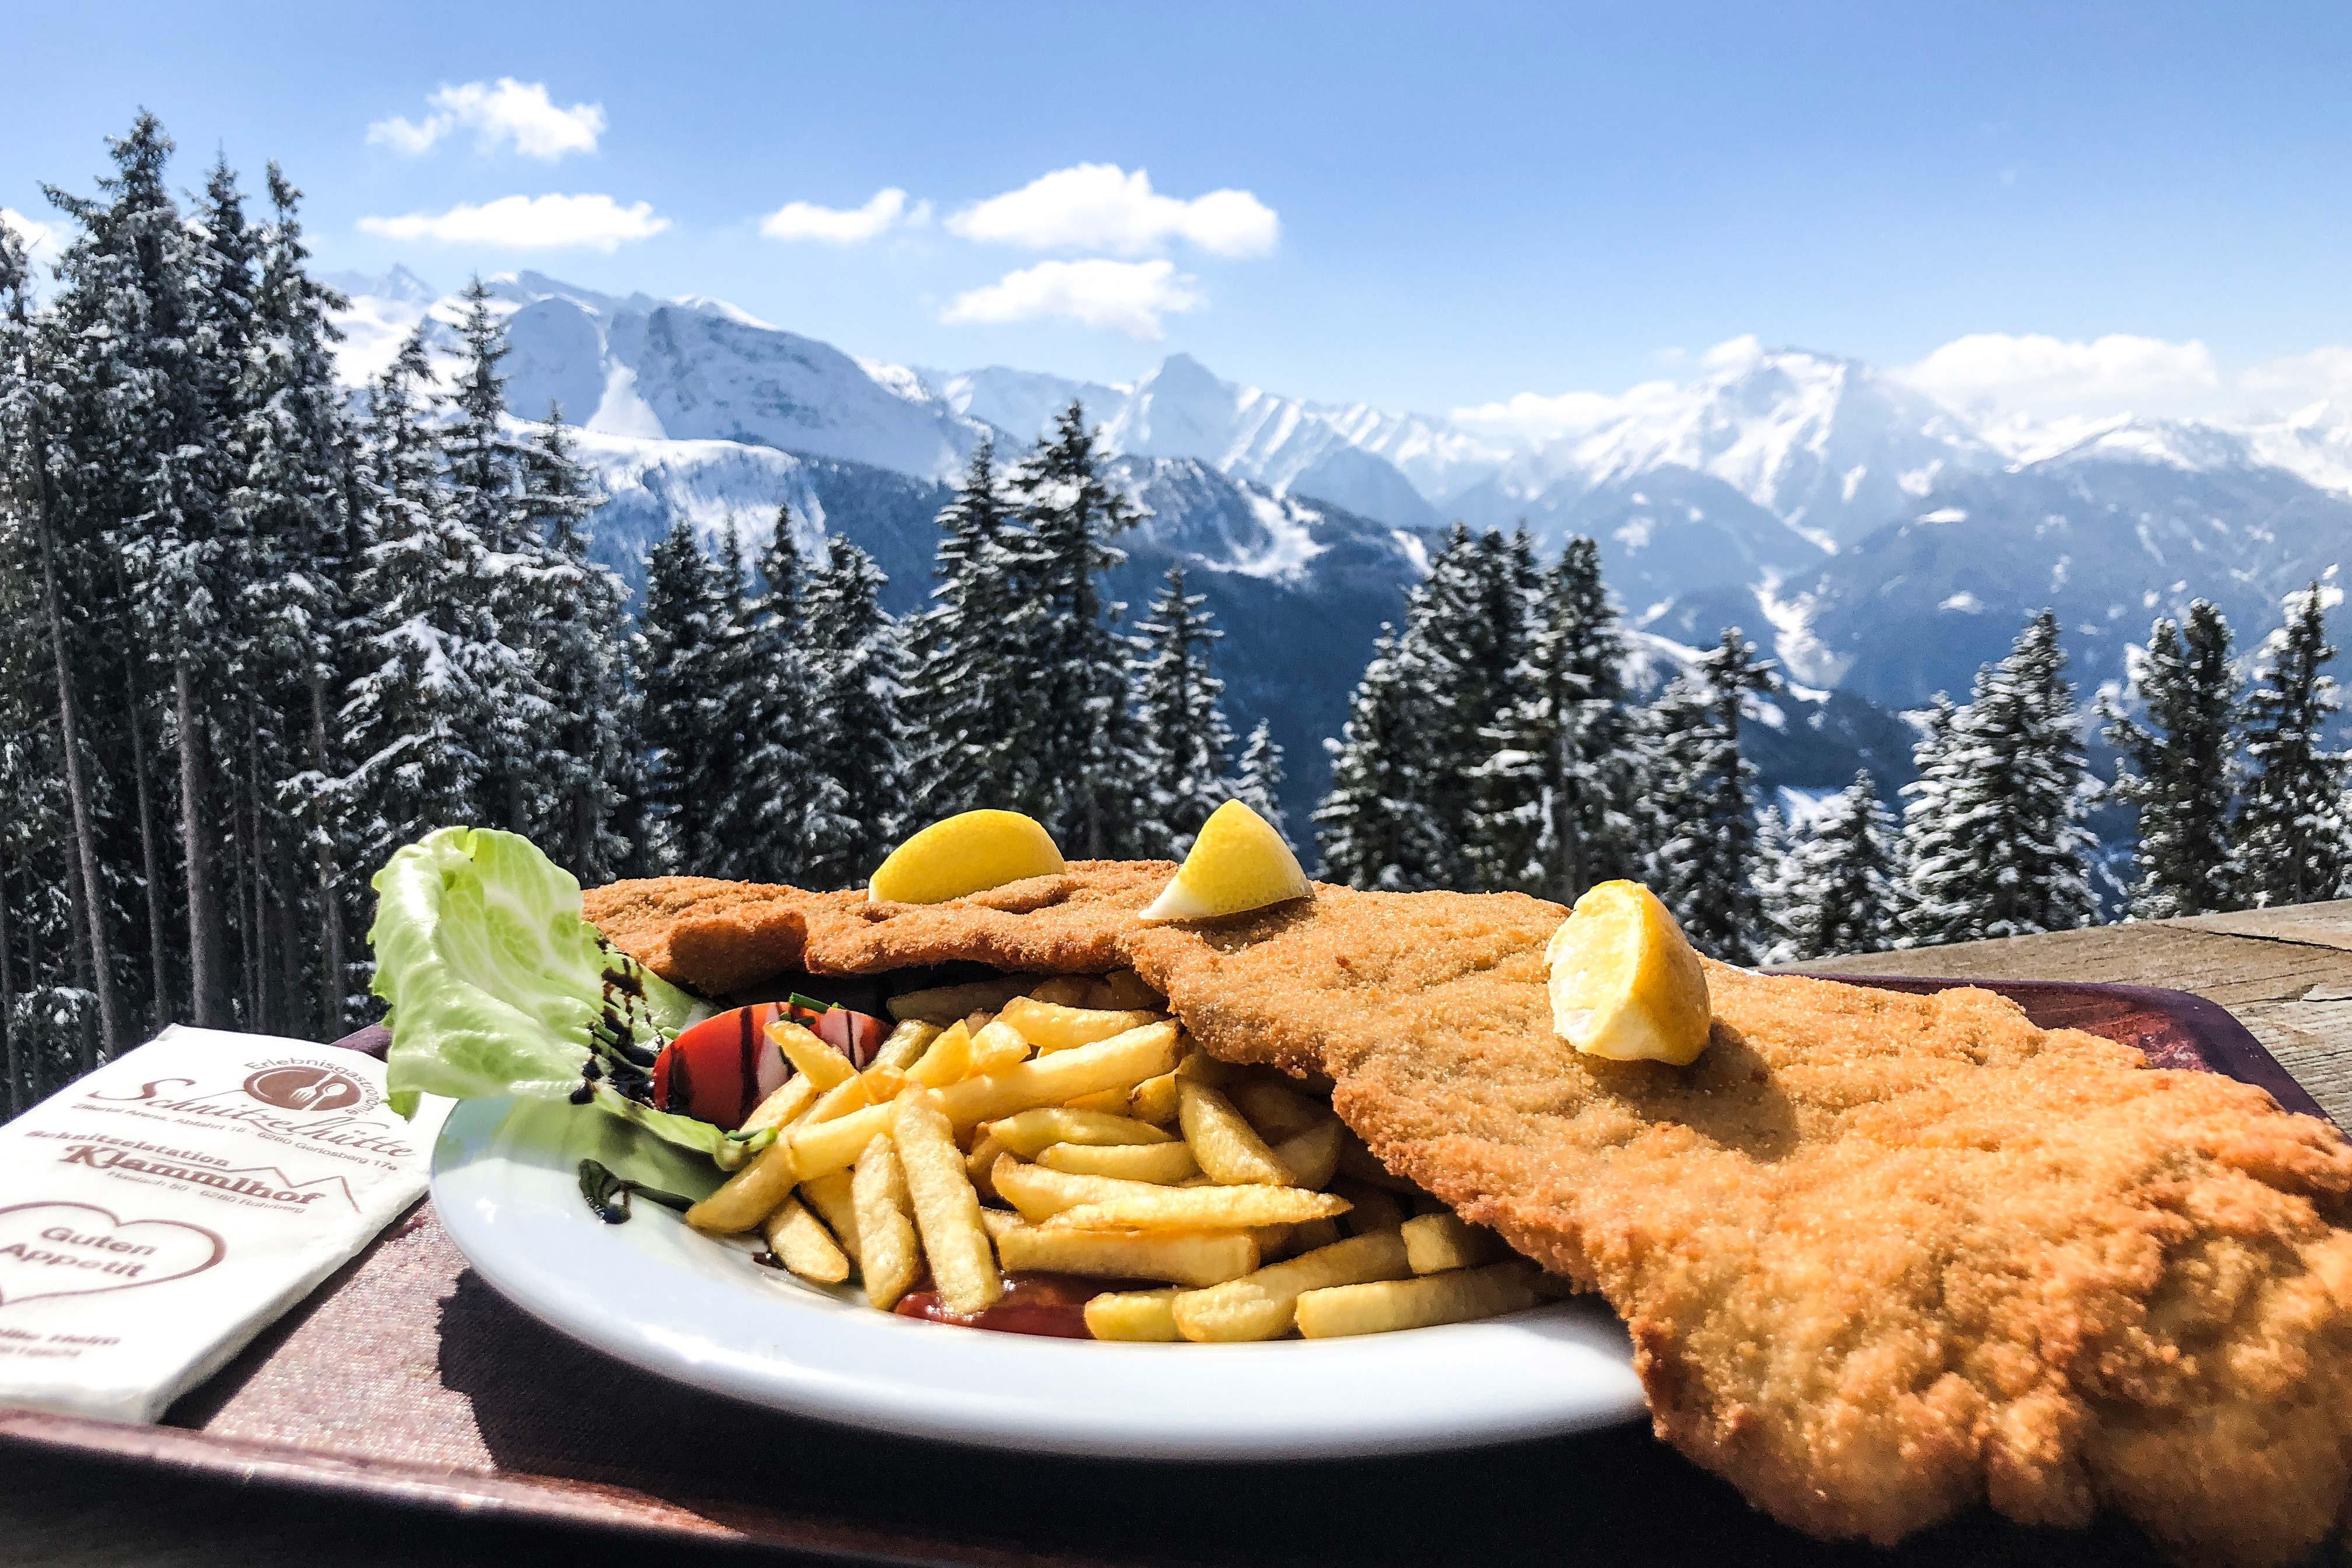 XXL Schnitzel bij een berghut in de Alpen